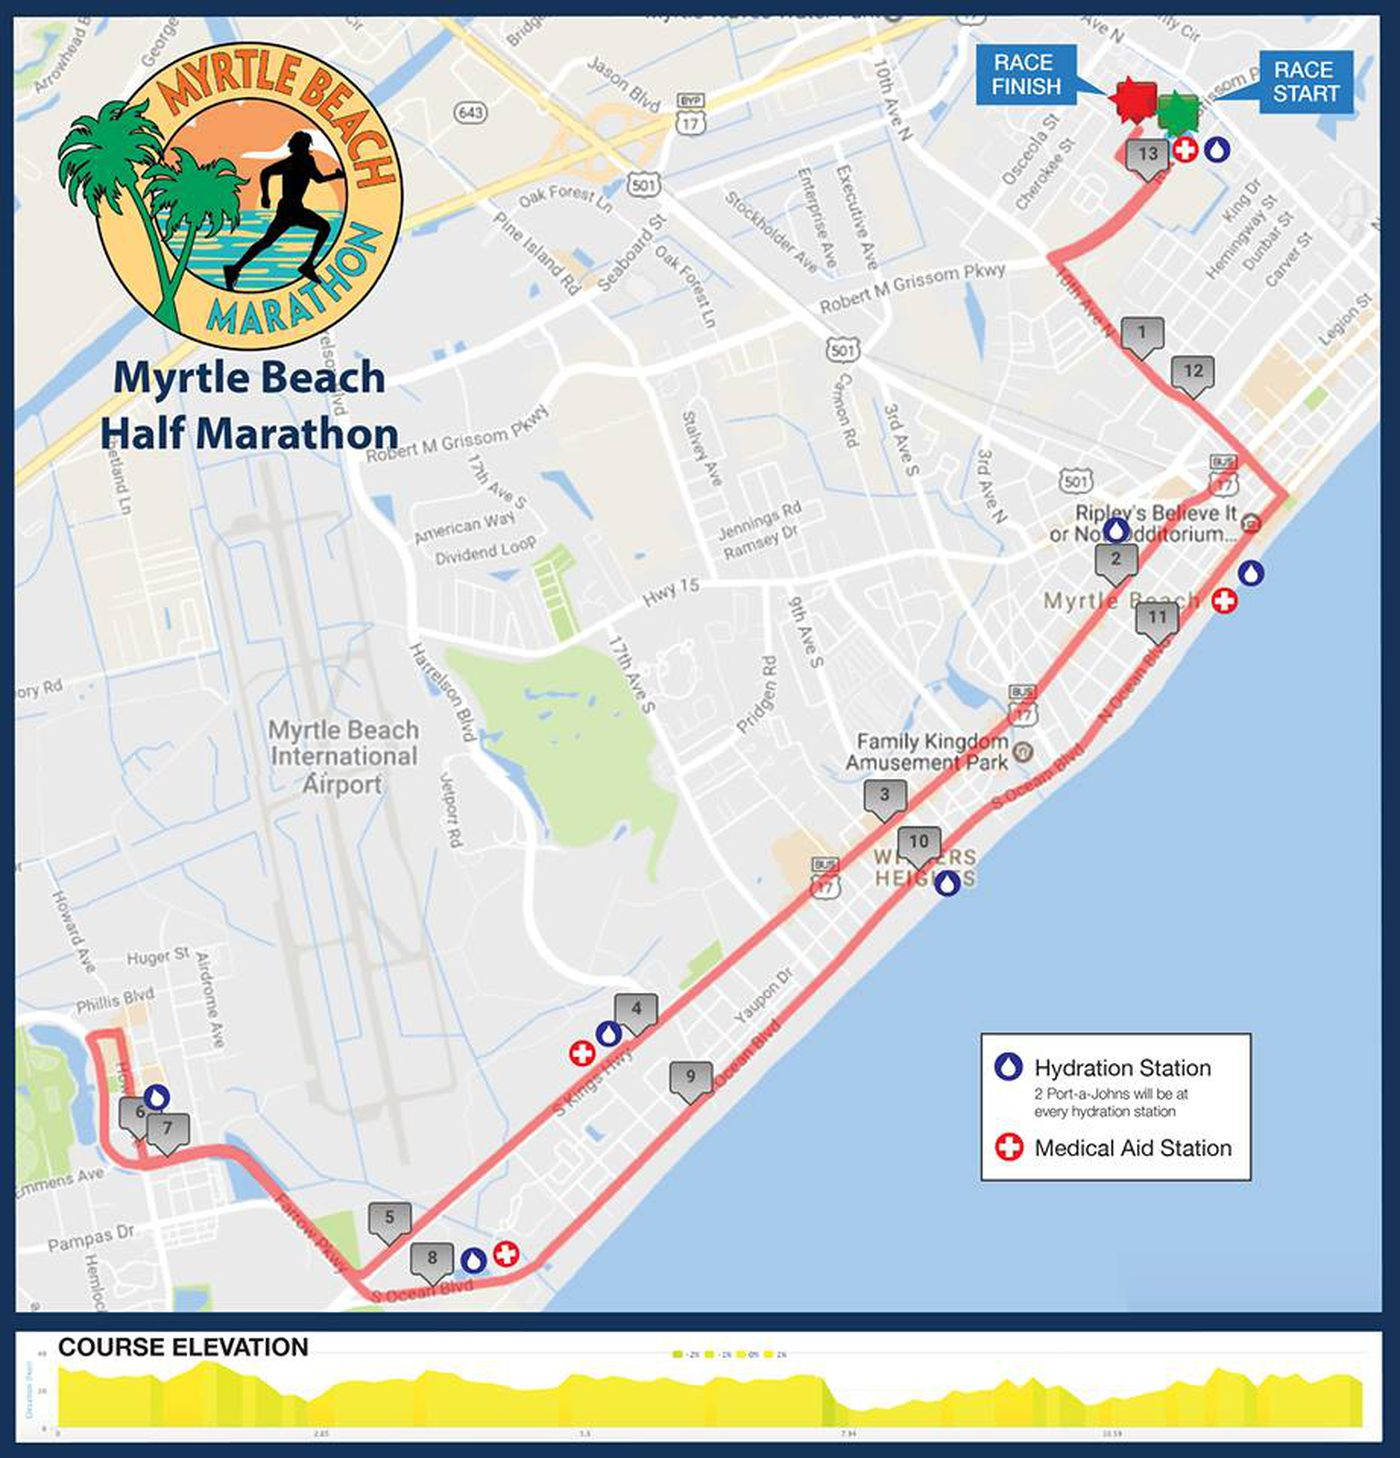 half marathon in myrtle beach